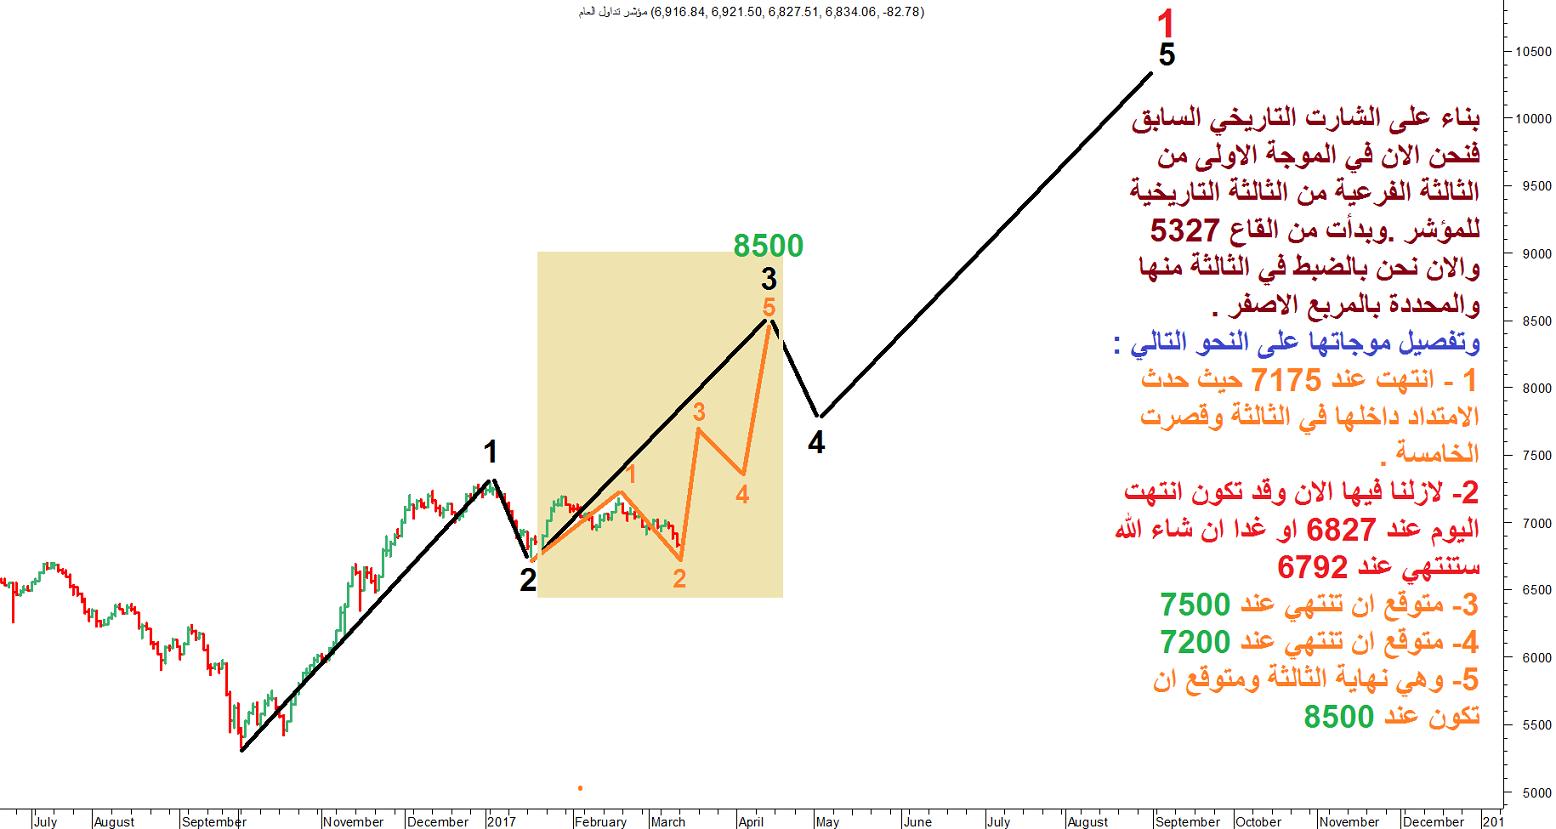 السوق السعودي ثلاث مدارس تحليل